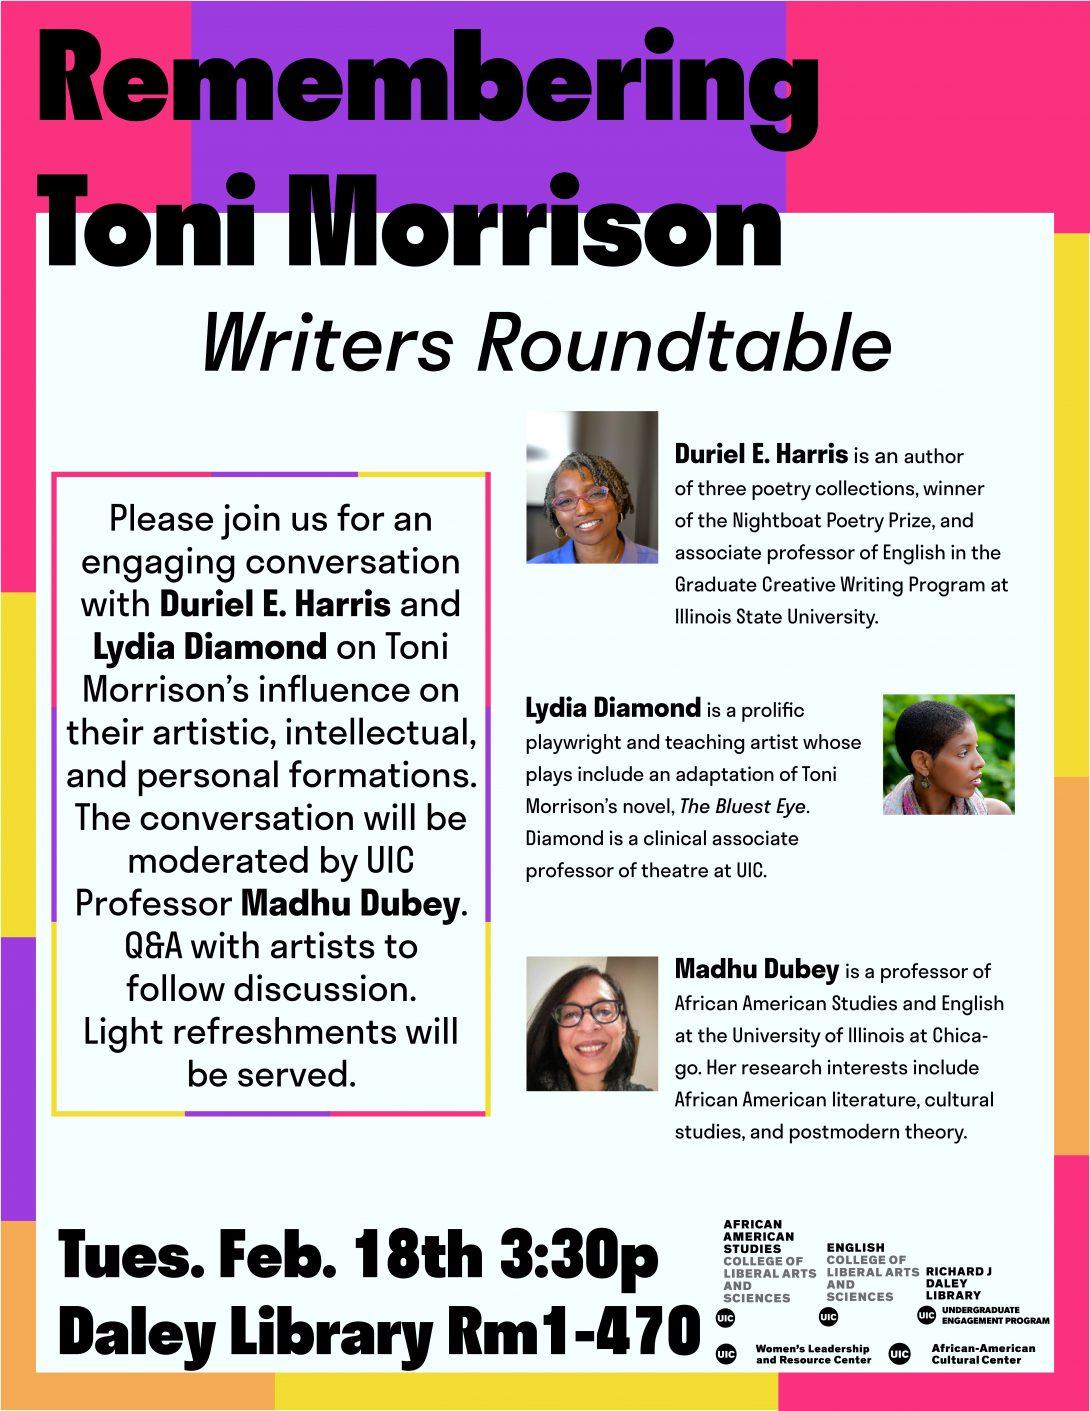 Remembering Toni Morrison flyer